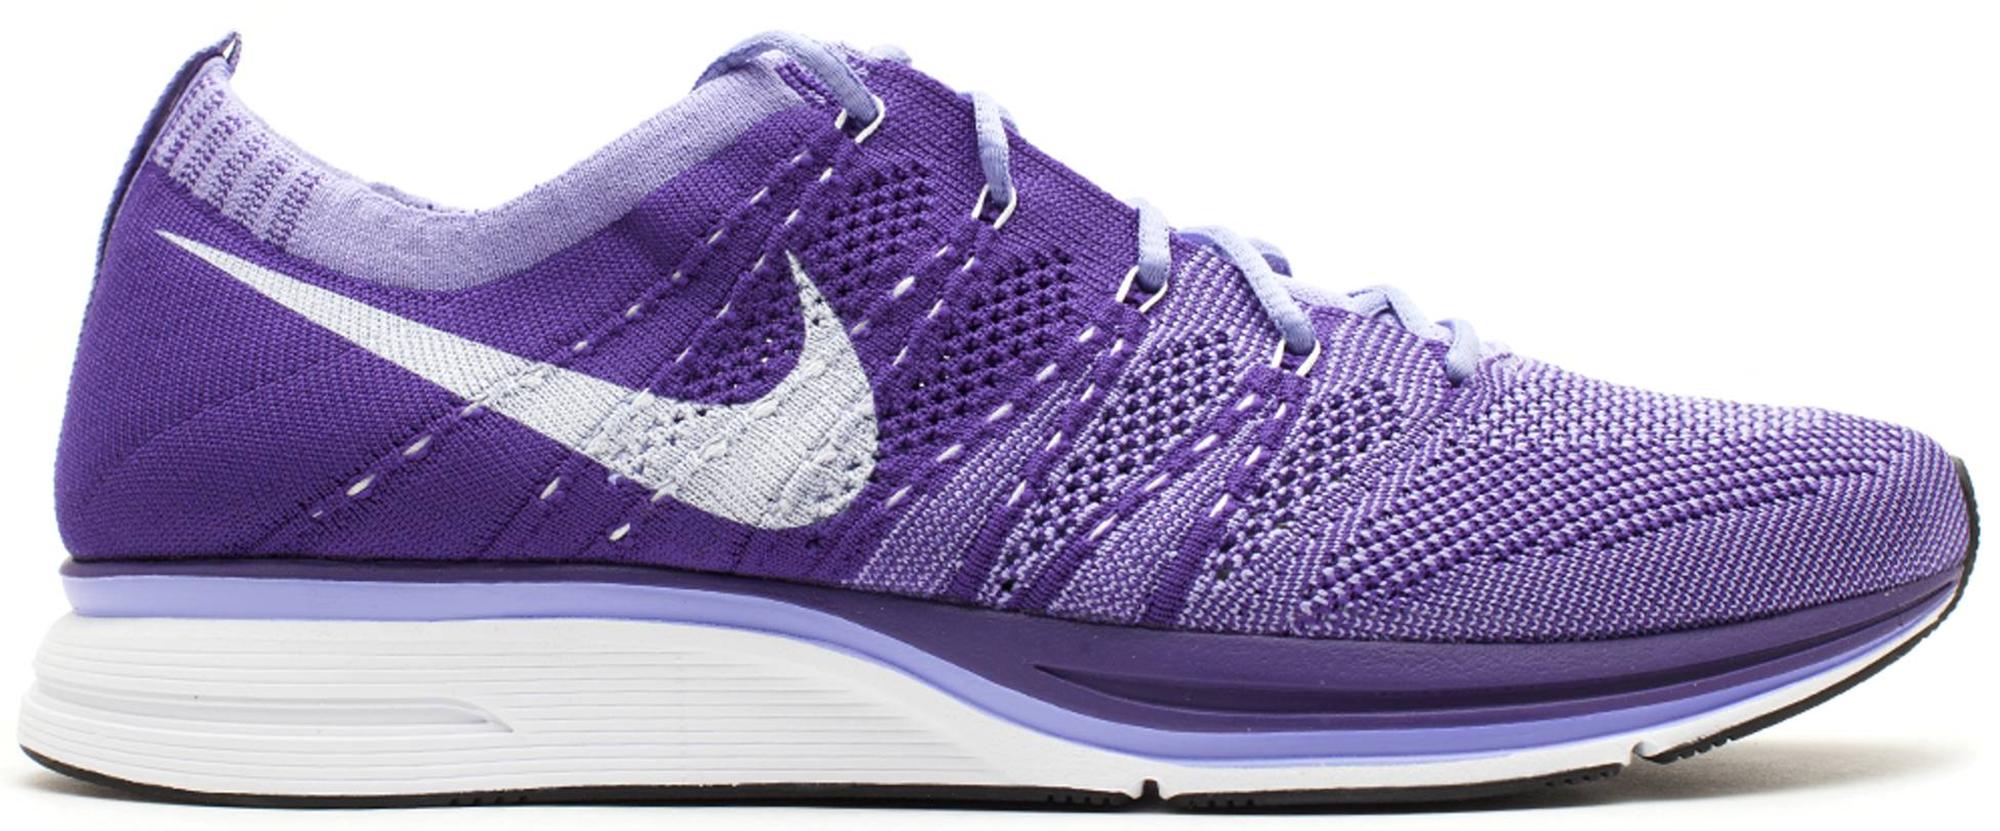 Nike Flyknit Trainer+ Court Purple